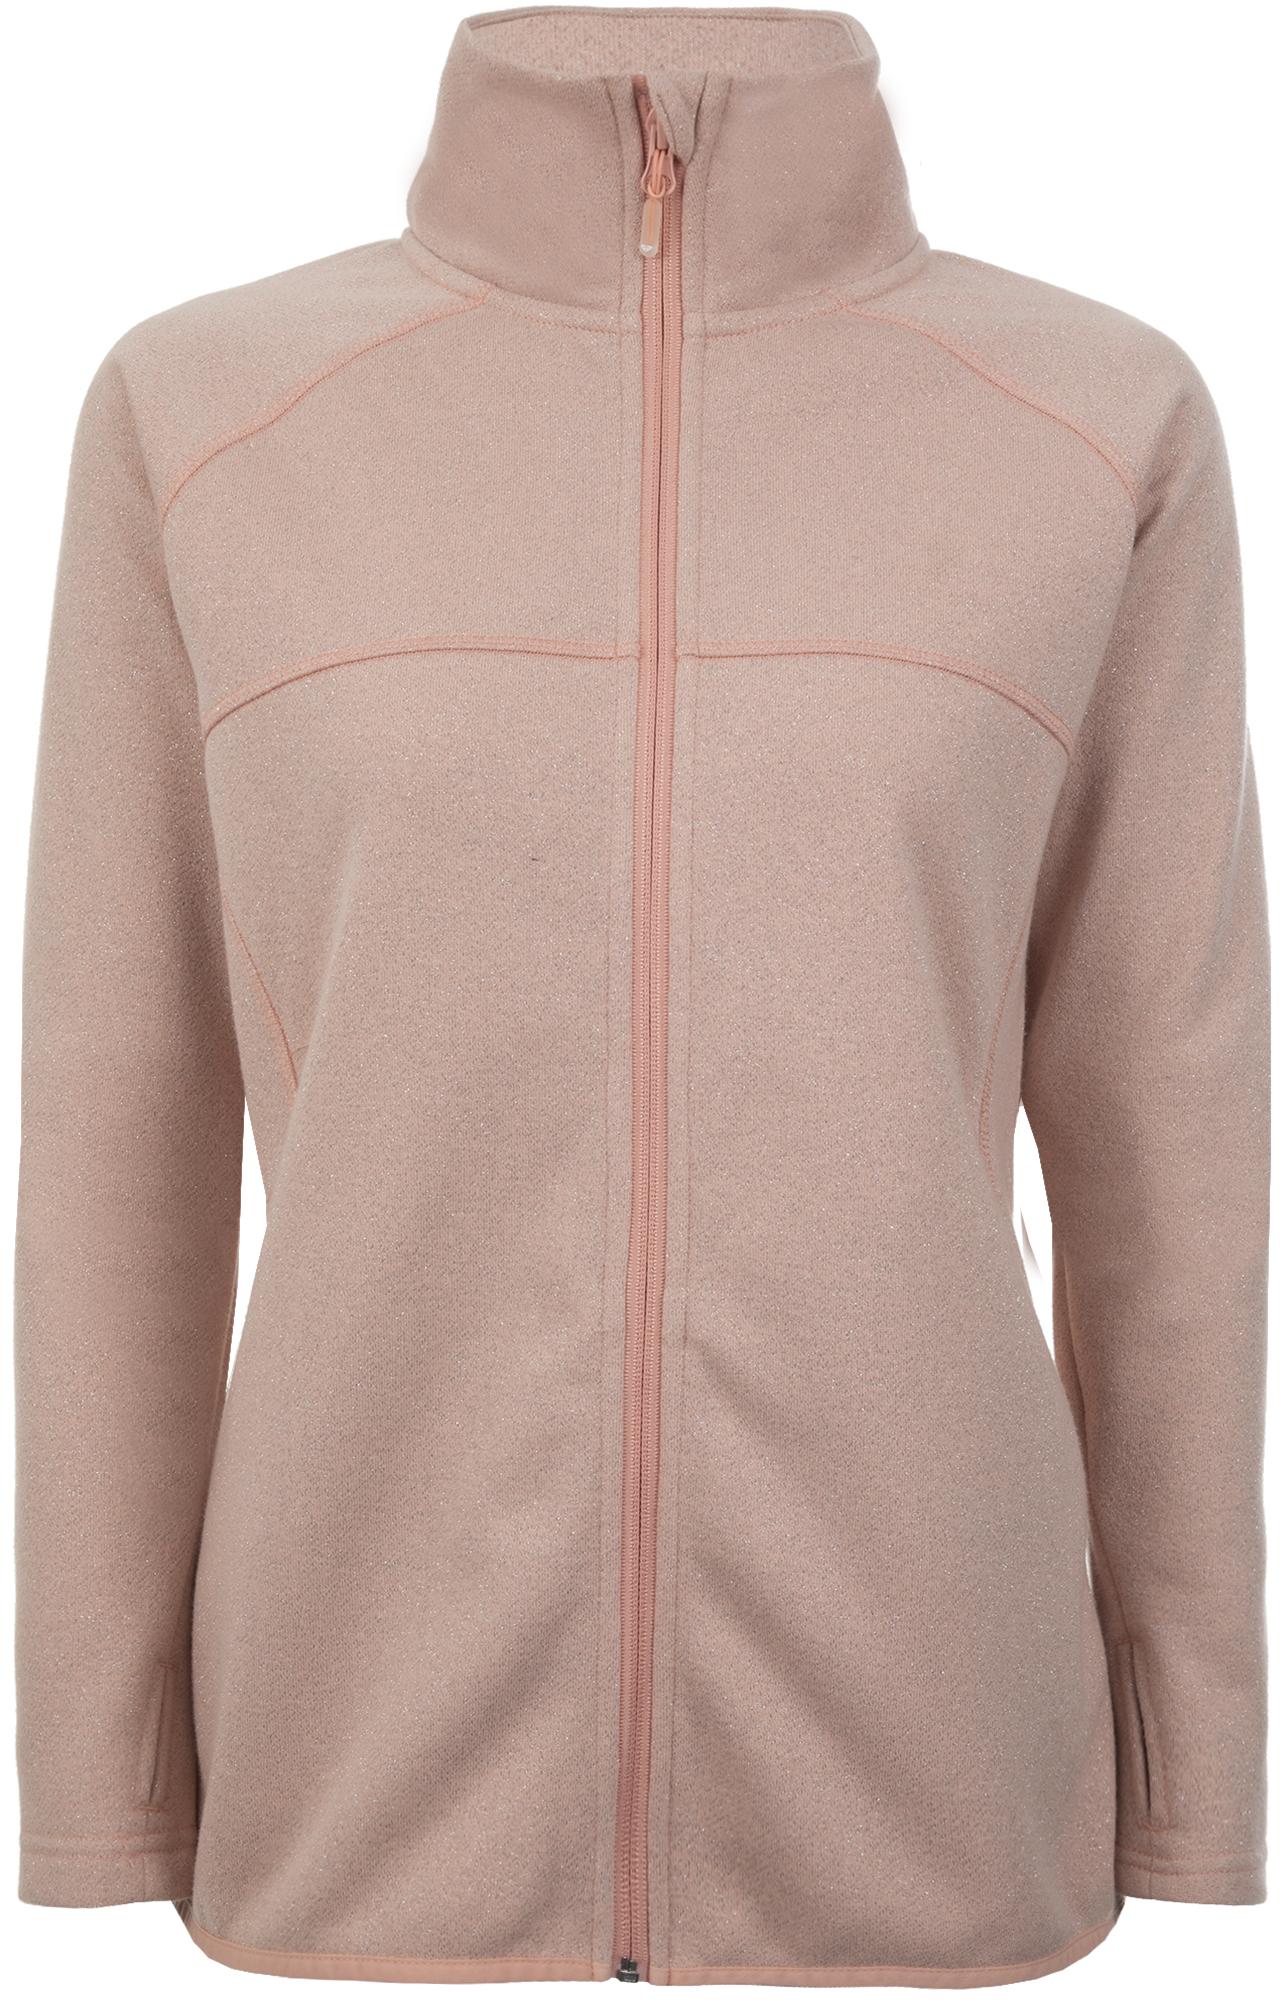 Roxy Джемпер женский Roxy Harmony Shimmer, размер 46-48 roxy куртка женская roxy jetty размер 46 48